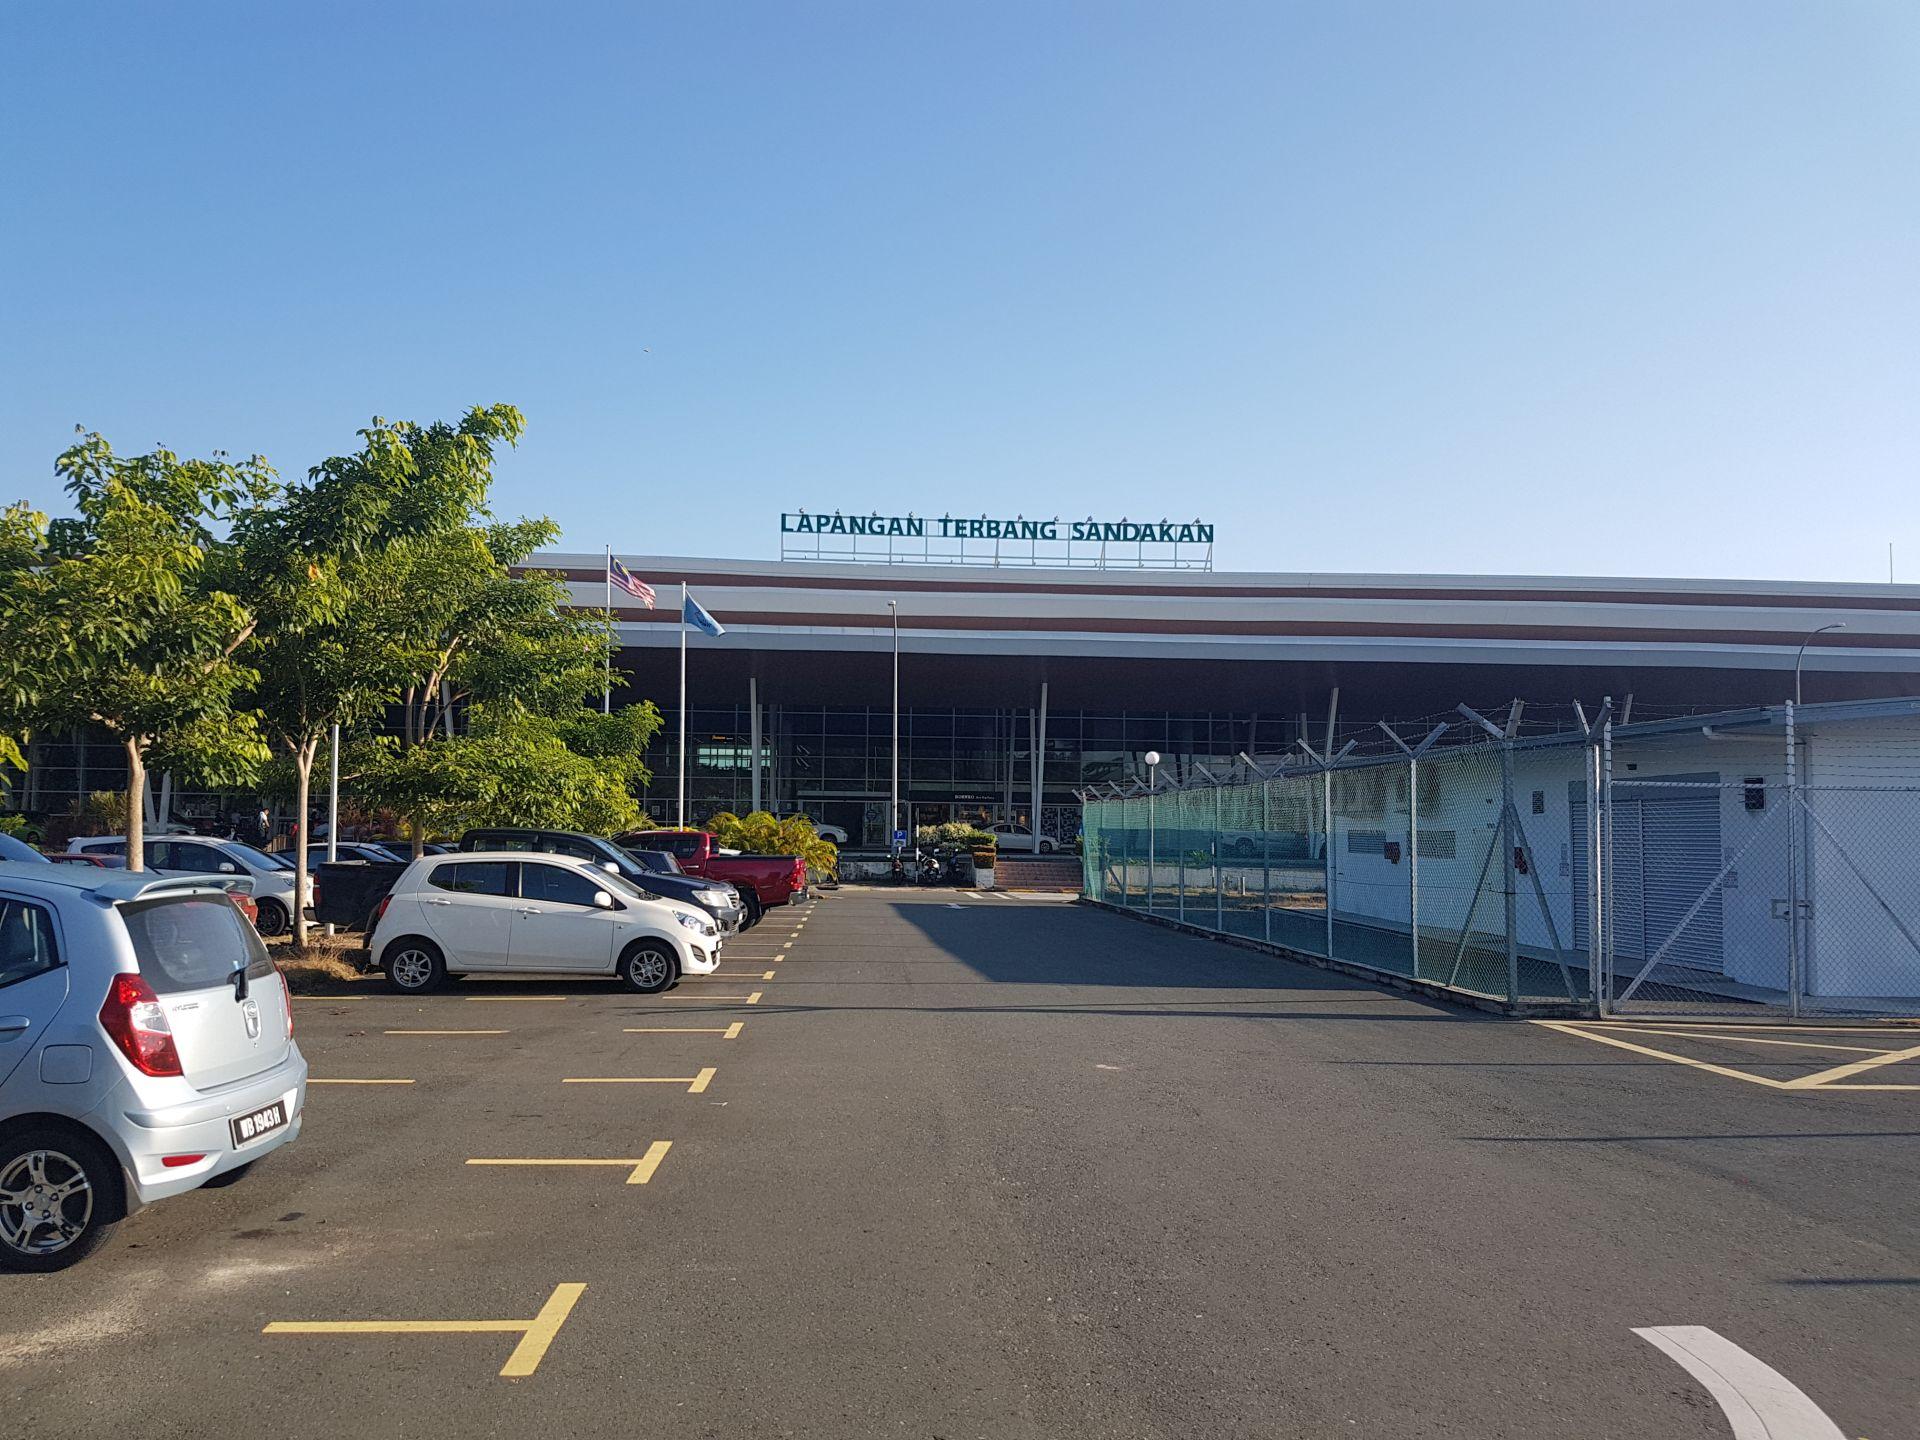 Аэропорт Сандакан